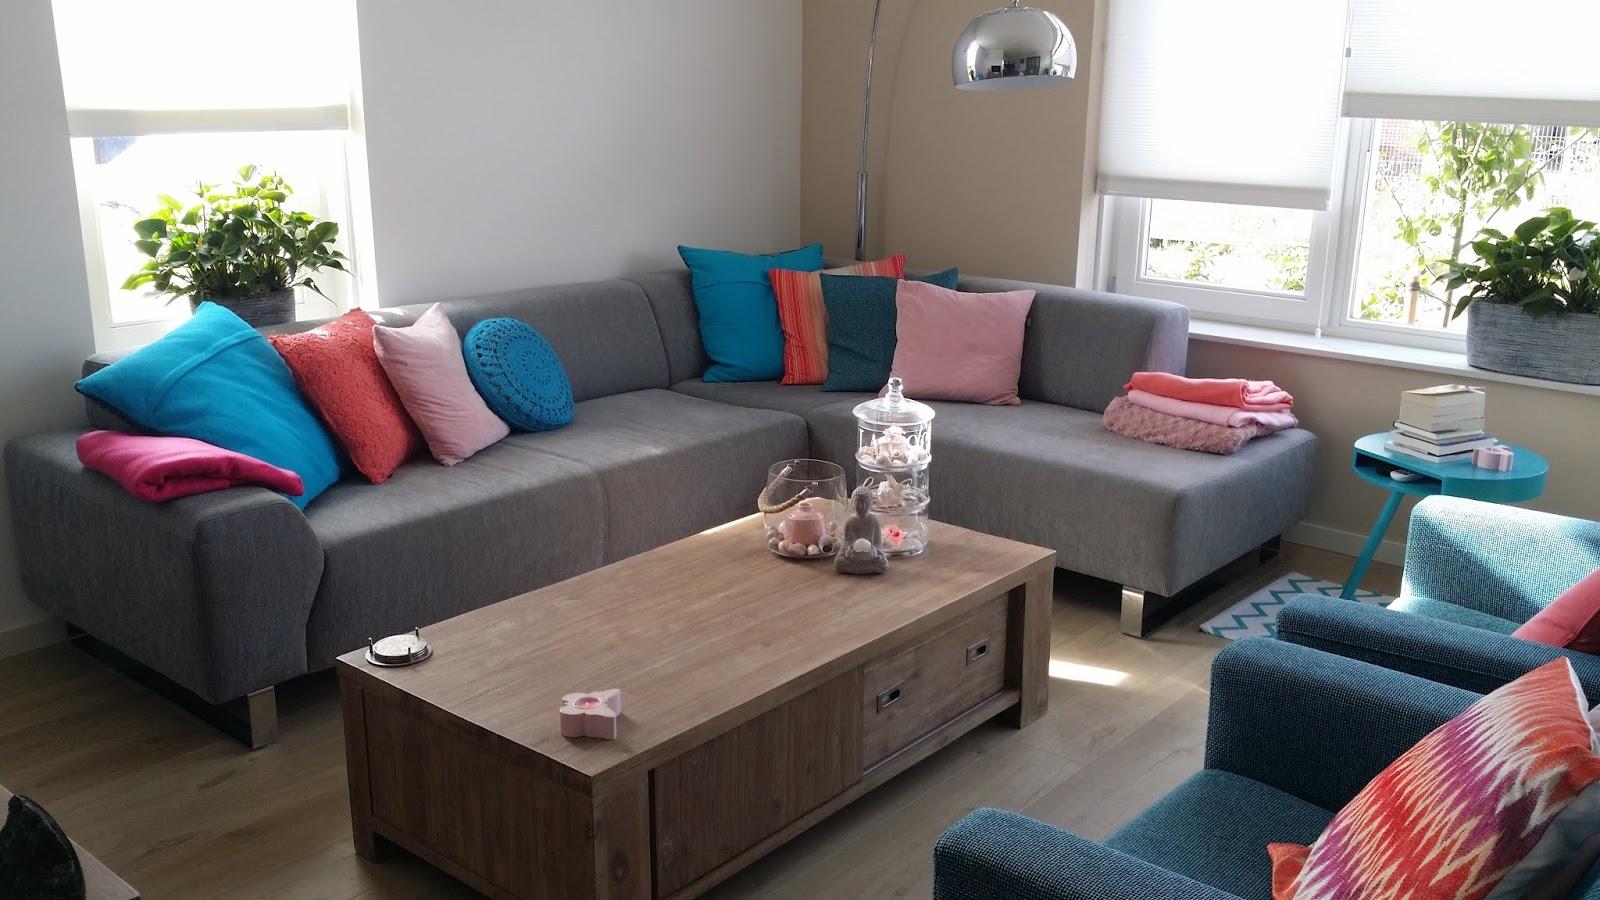 Roze Decoratie Woonkamer : Roze decoratie woonkamer creatieve huizen oud roze muur woonkamer